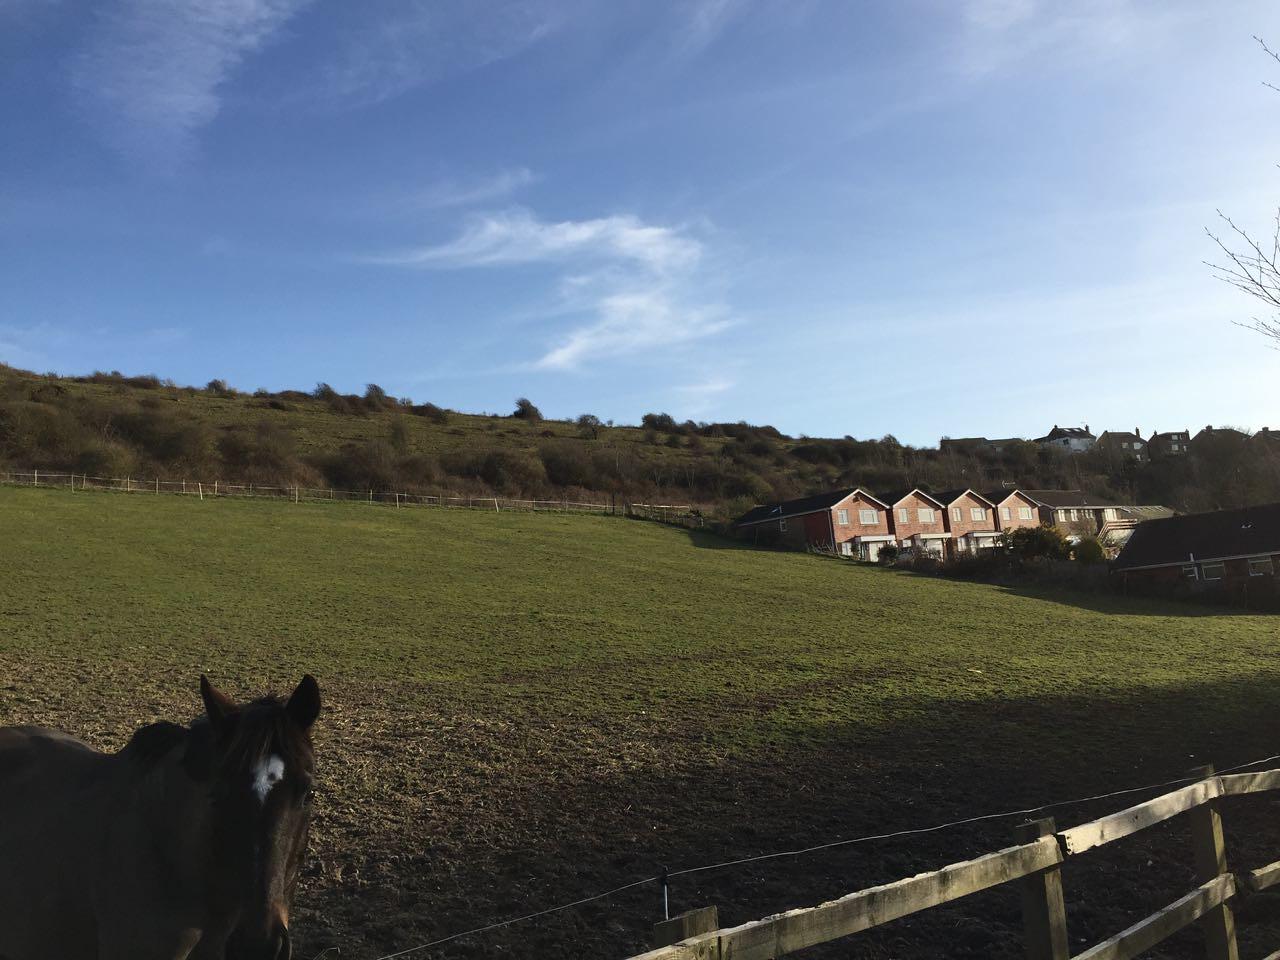 Coomber Meadow, Saltdean - 16